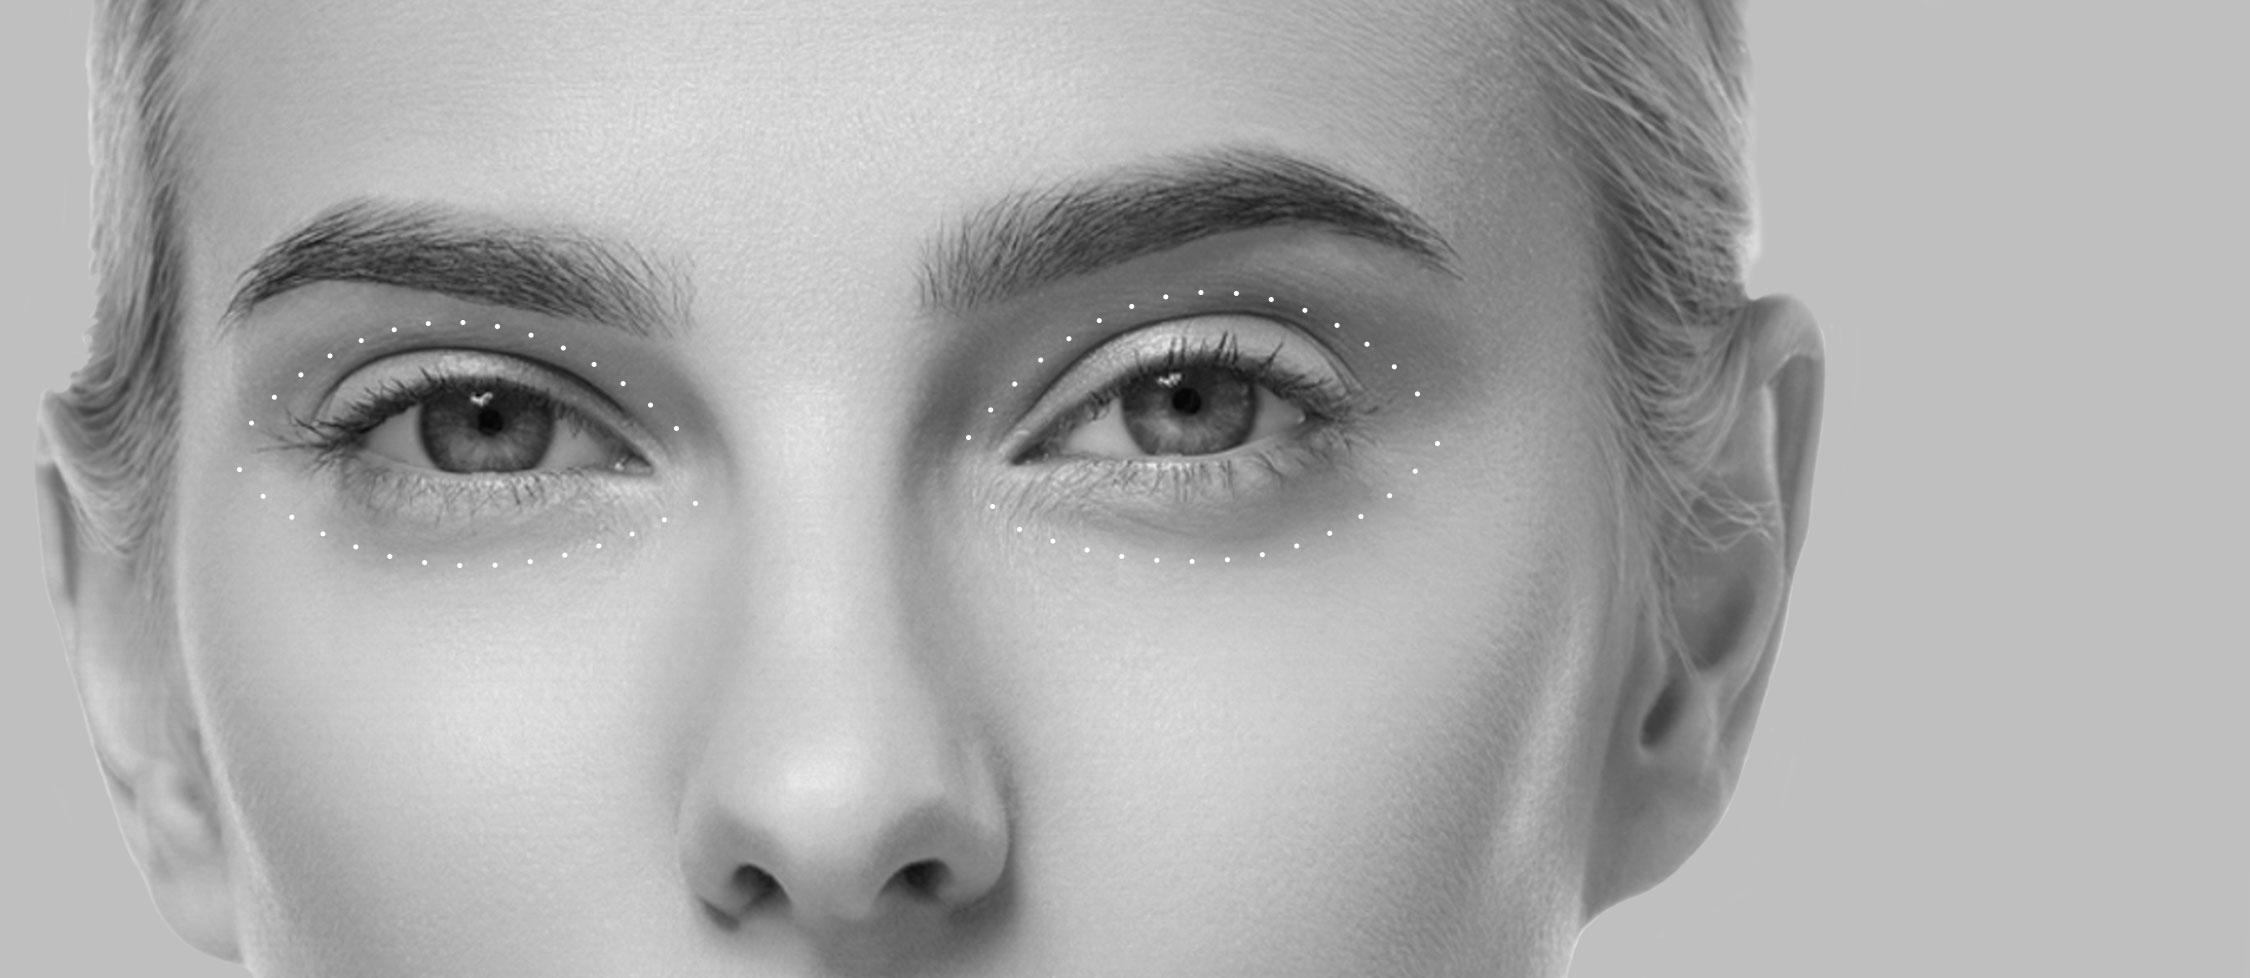 Blépharoplastie d'addition à Lyon - chirurgie du nez et visage | Dr Durbec